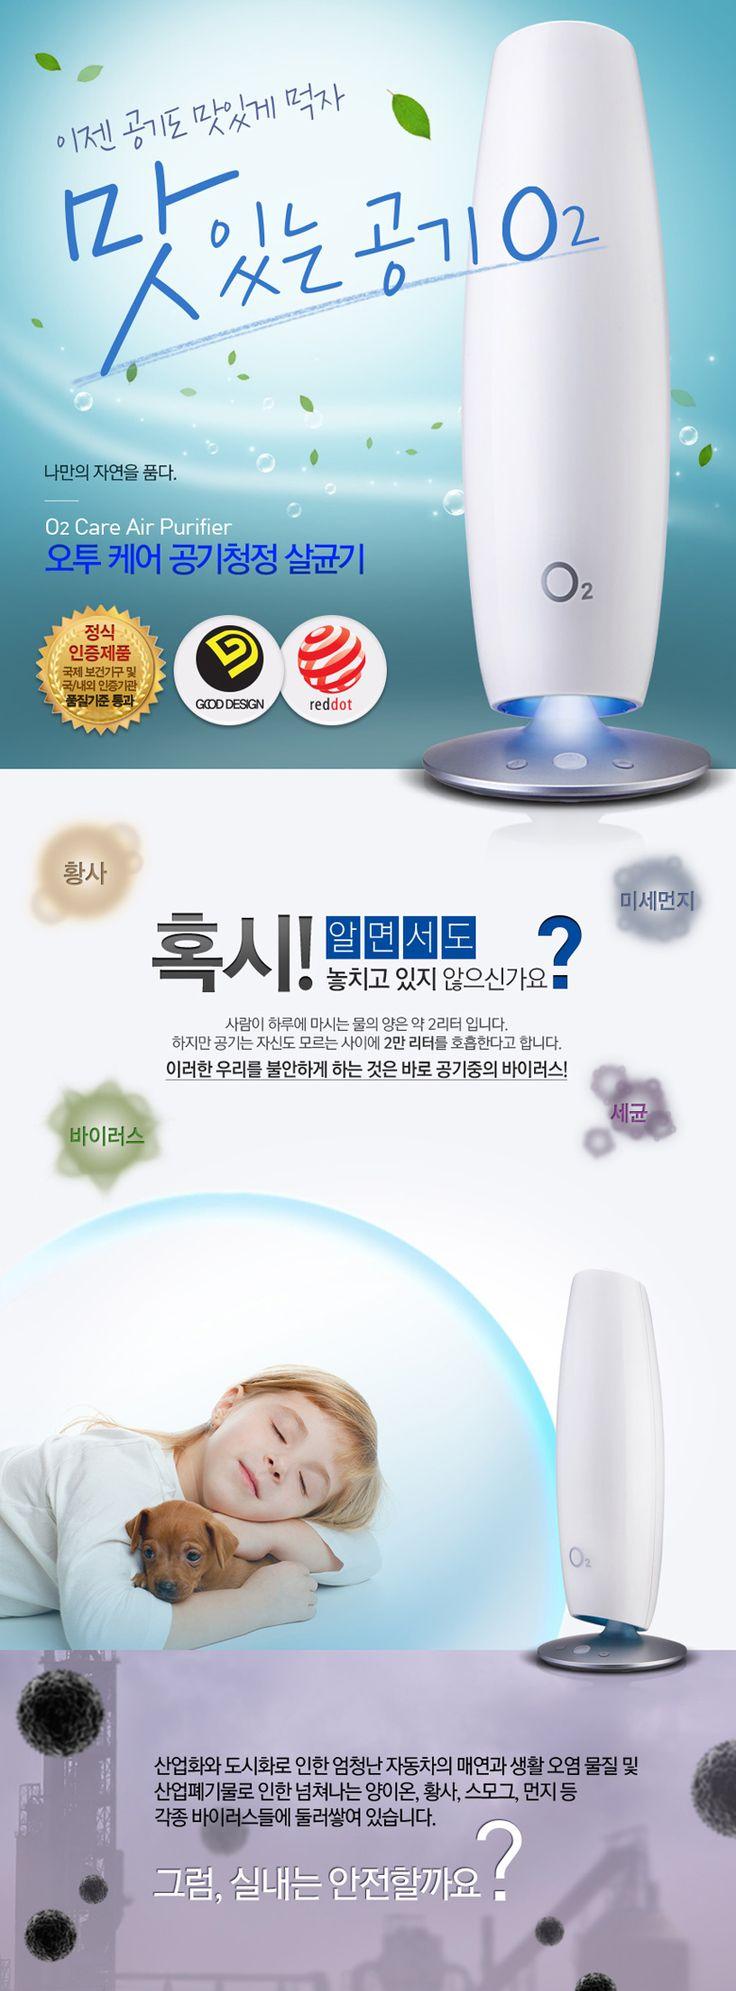 쿠팡!   [O2케어]O2케어 UV살균 음이온 공기청정기